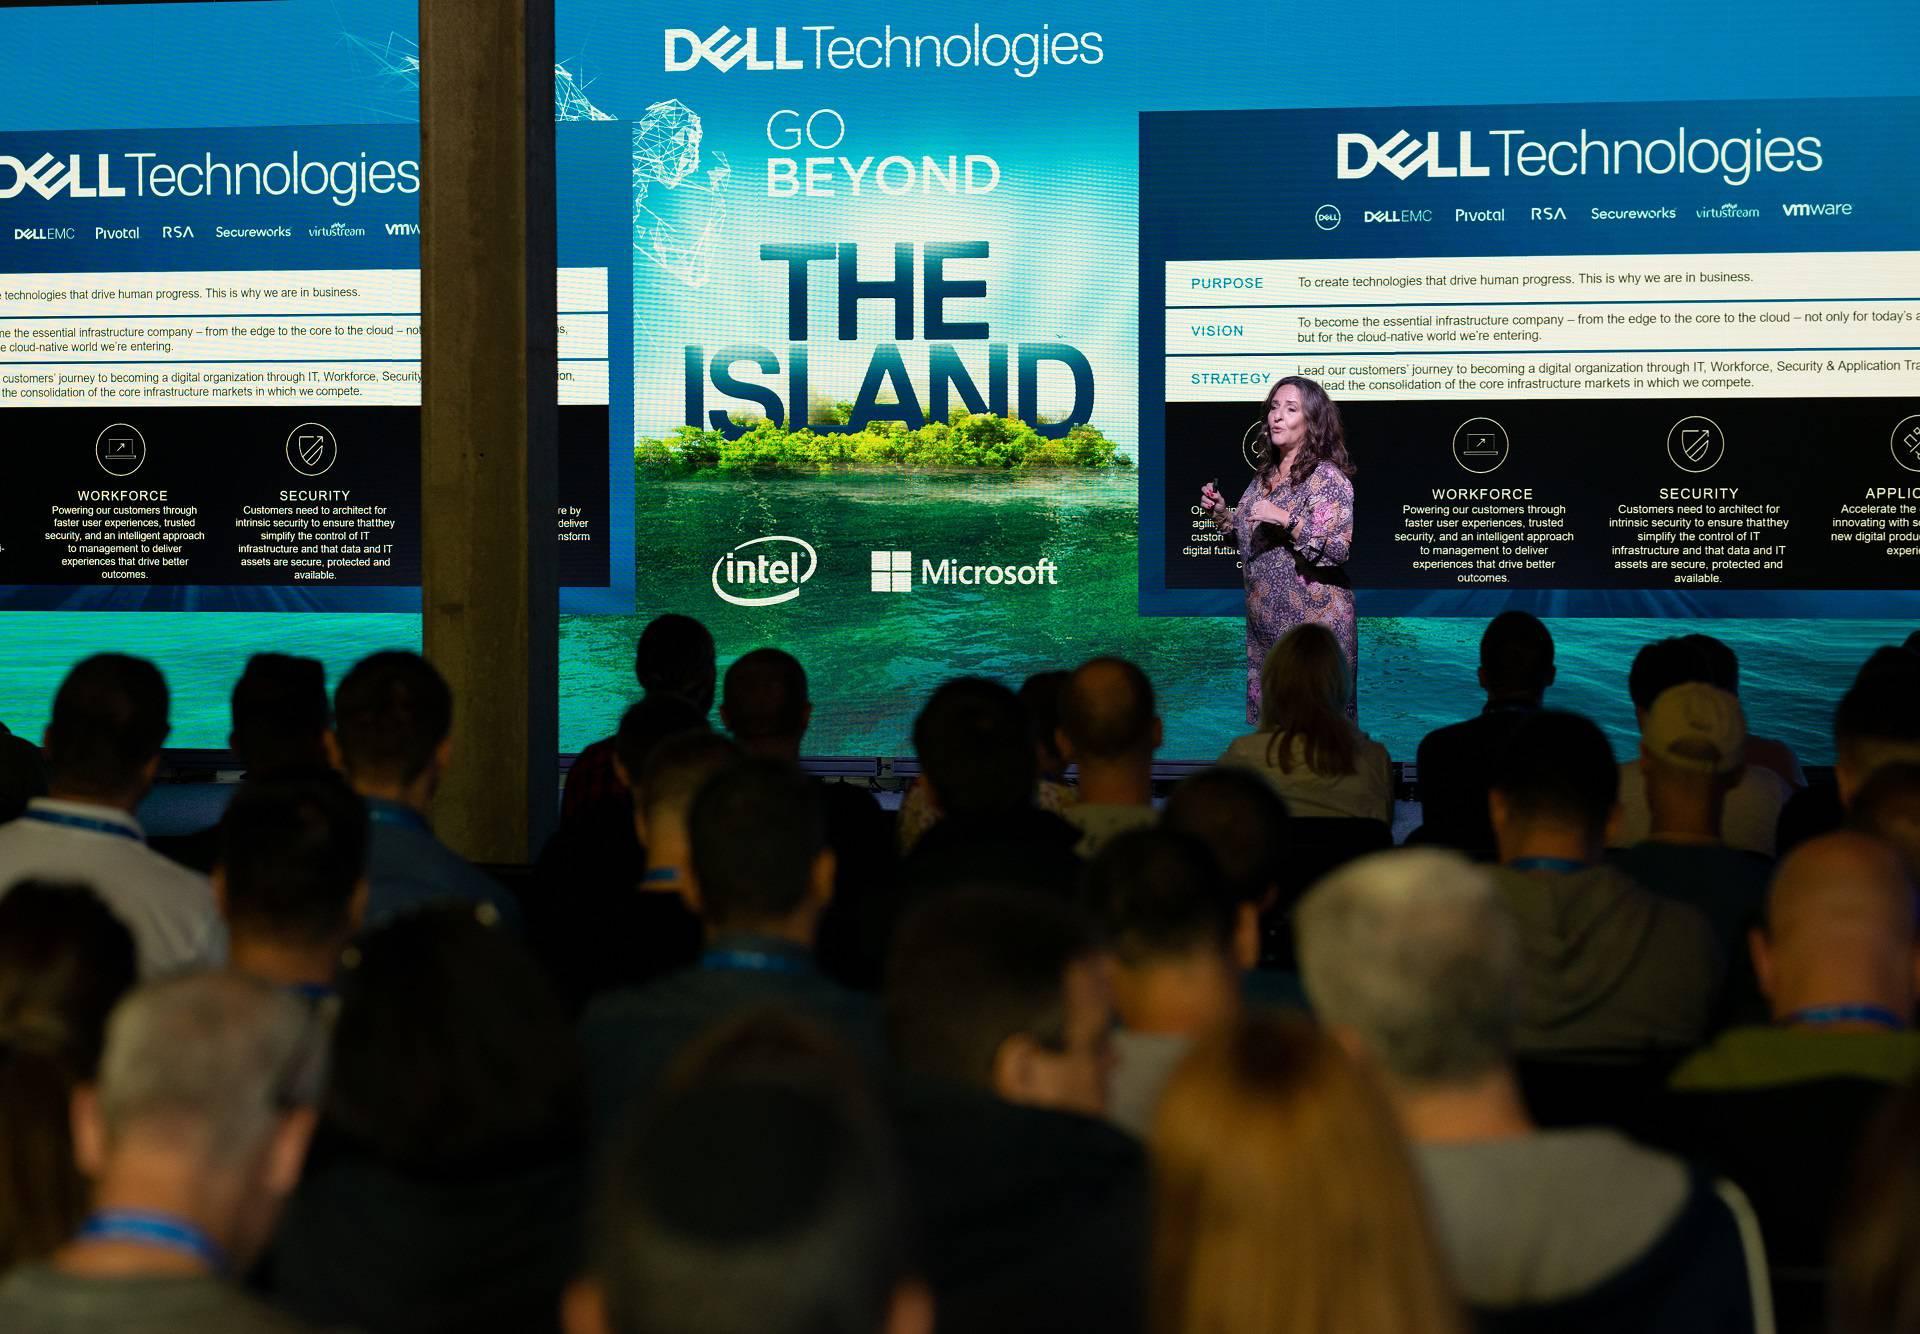 Dell je pretvorio Obonjan u otok tehnoloških inovacija